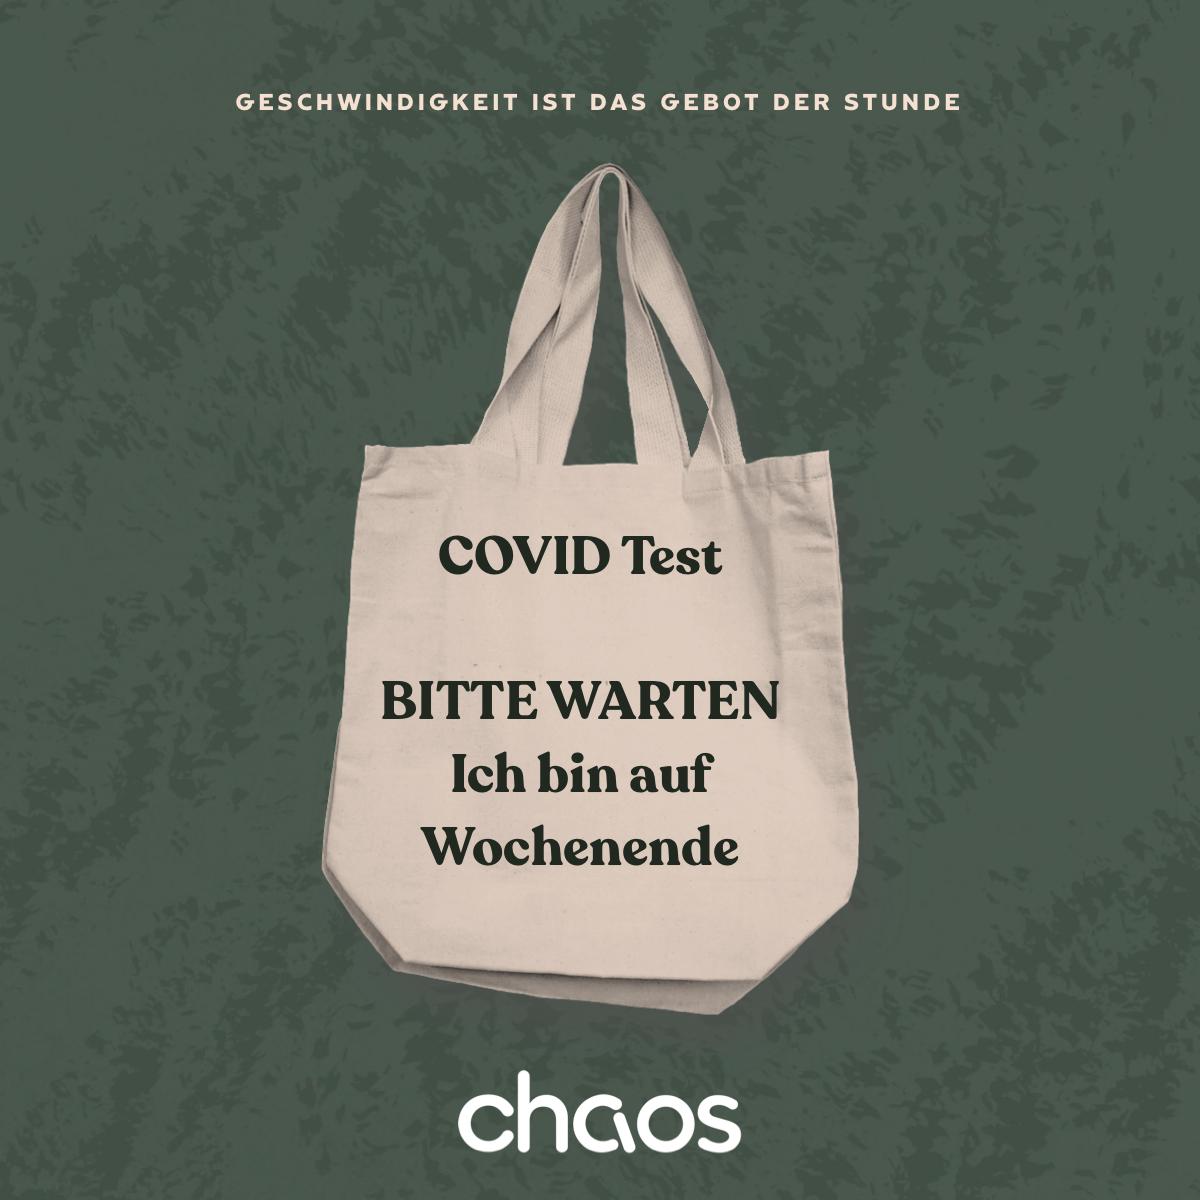 Geschützt: Covid Test – Bitte warten, es ist Wochenende!